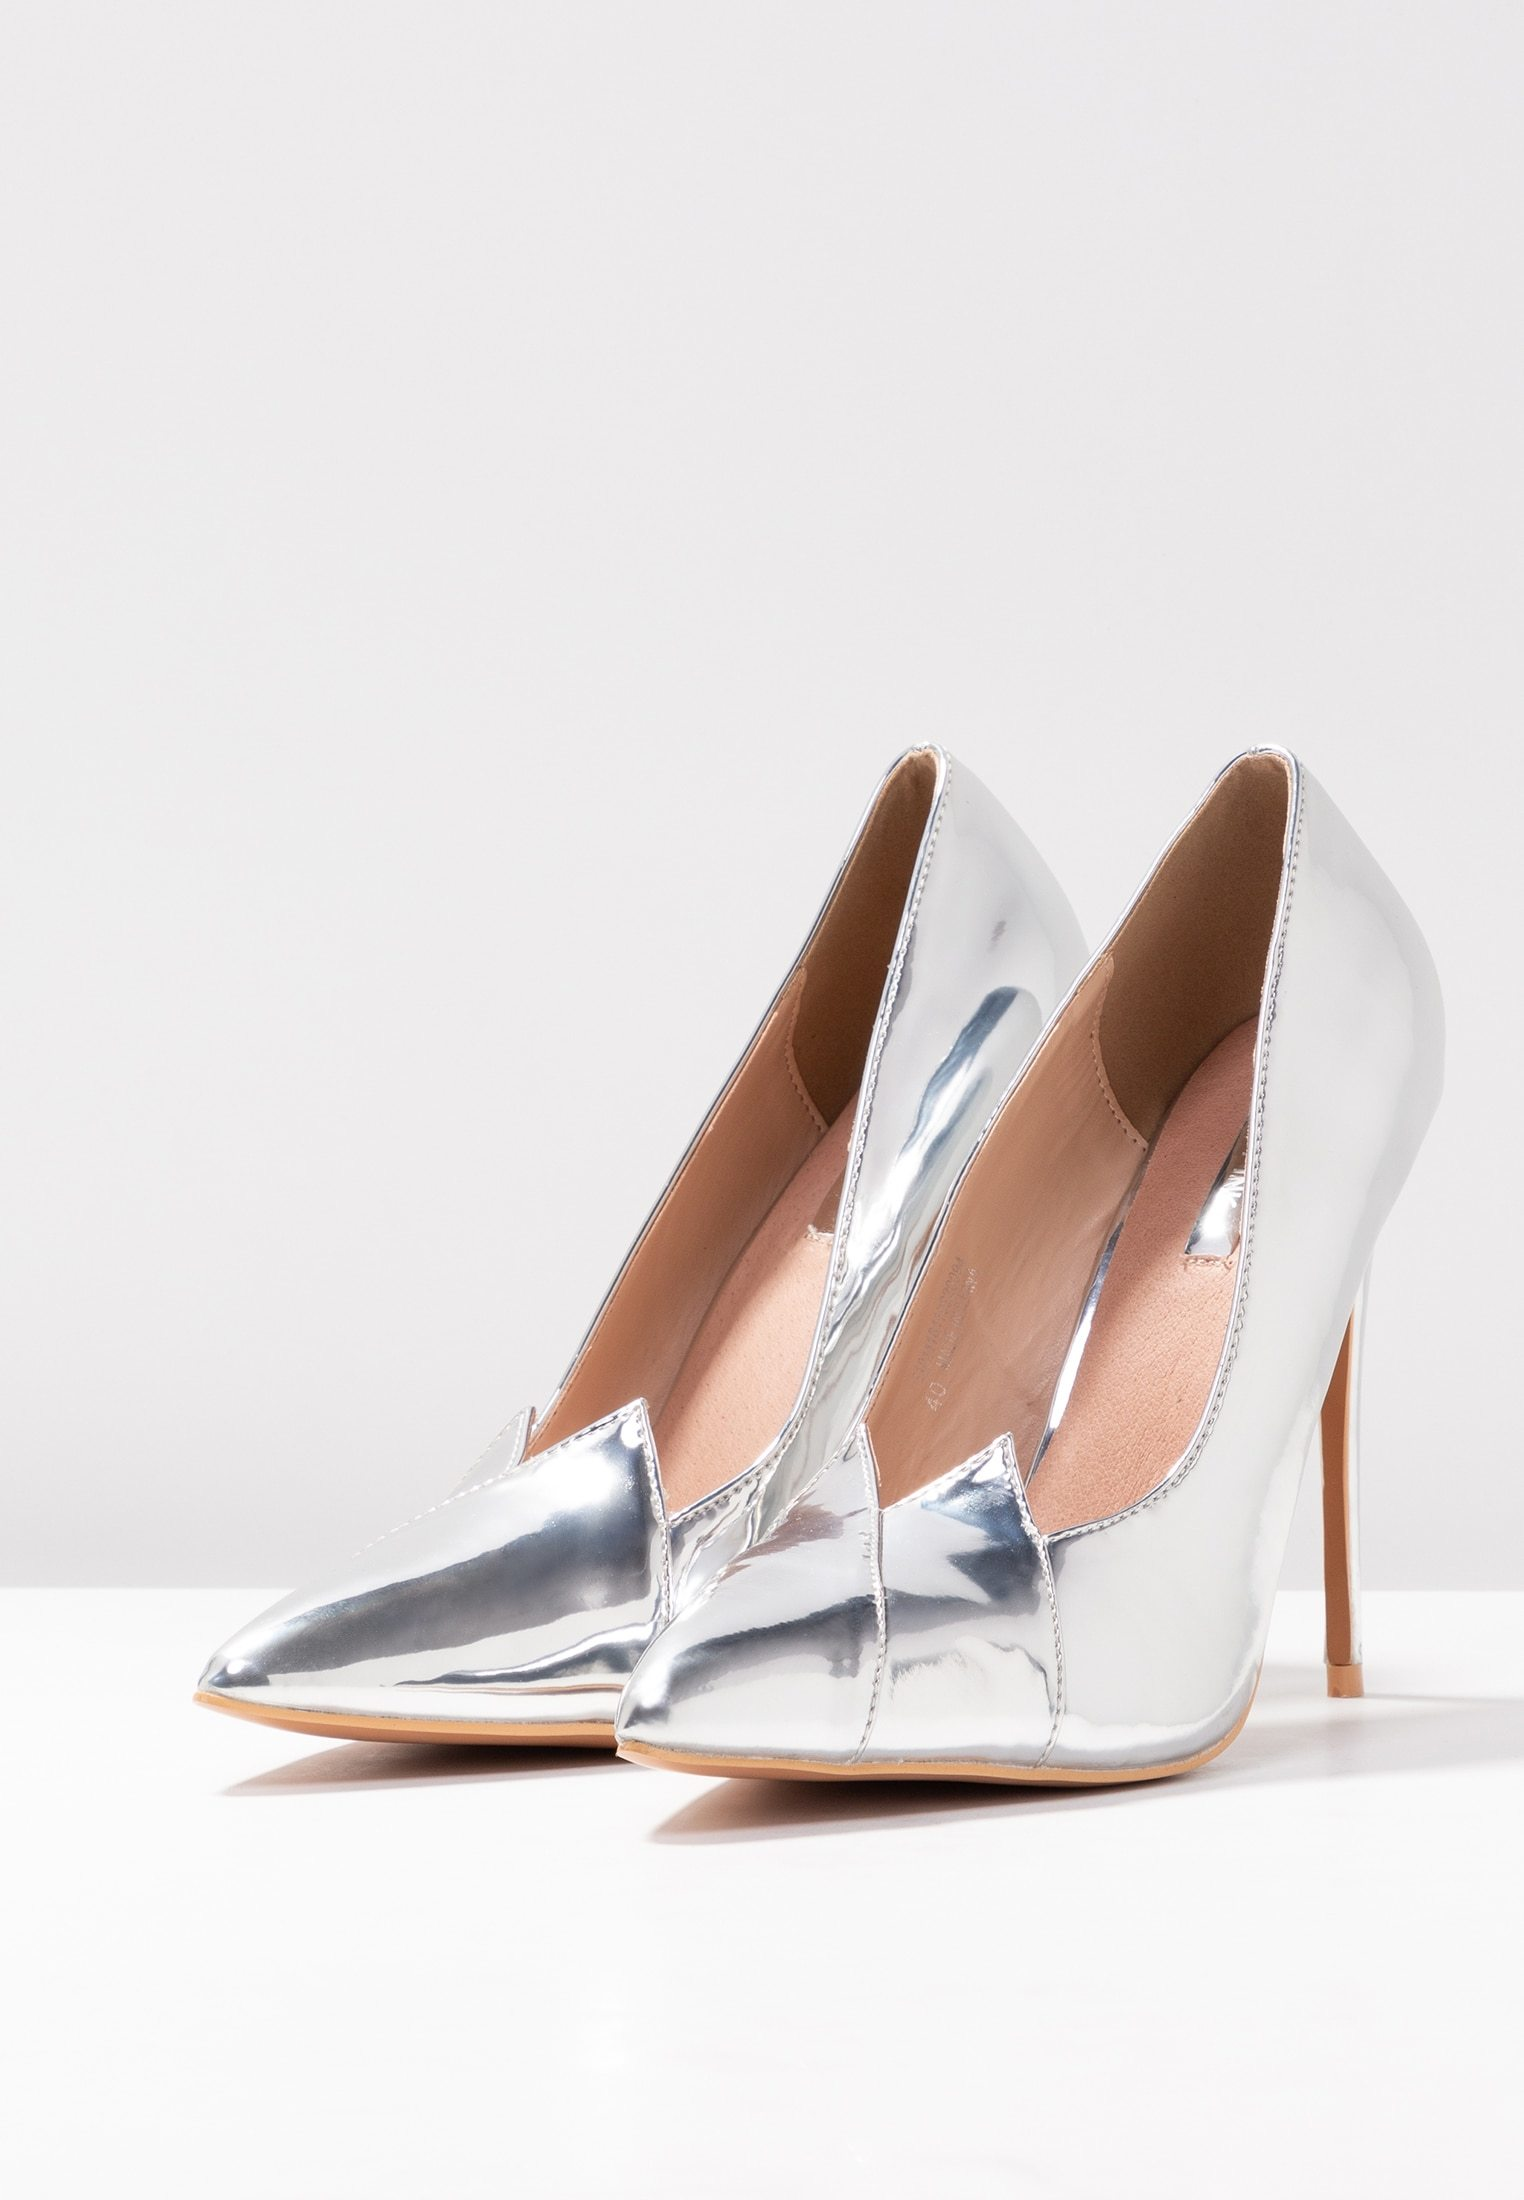 Zapatos de tacón en plata de Zalando(35,95 euros)